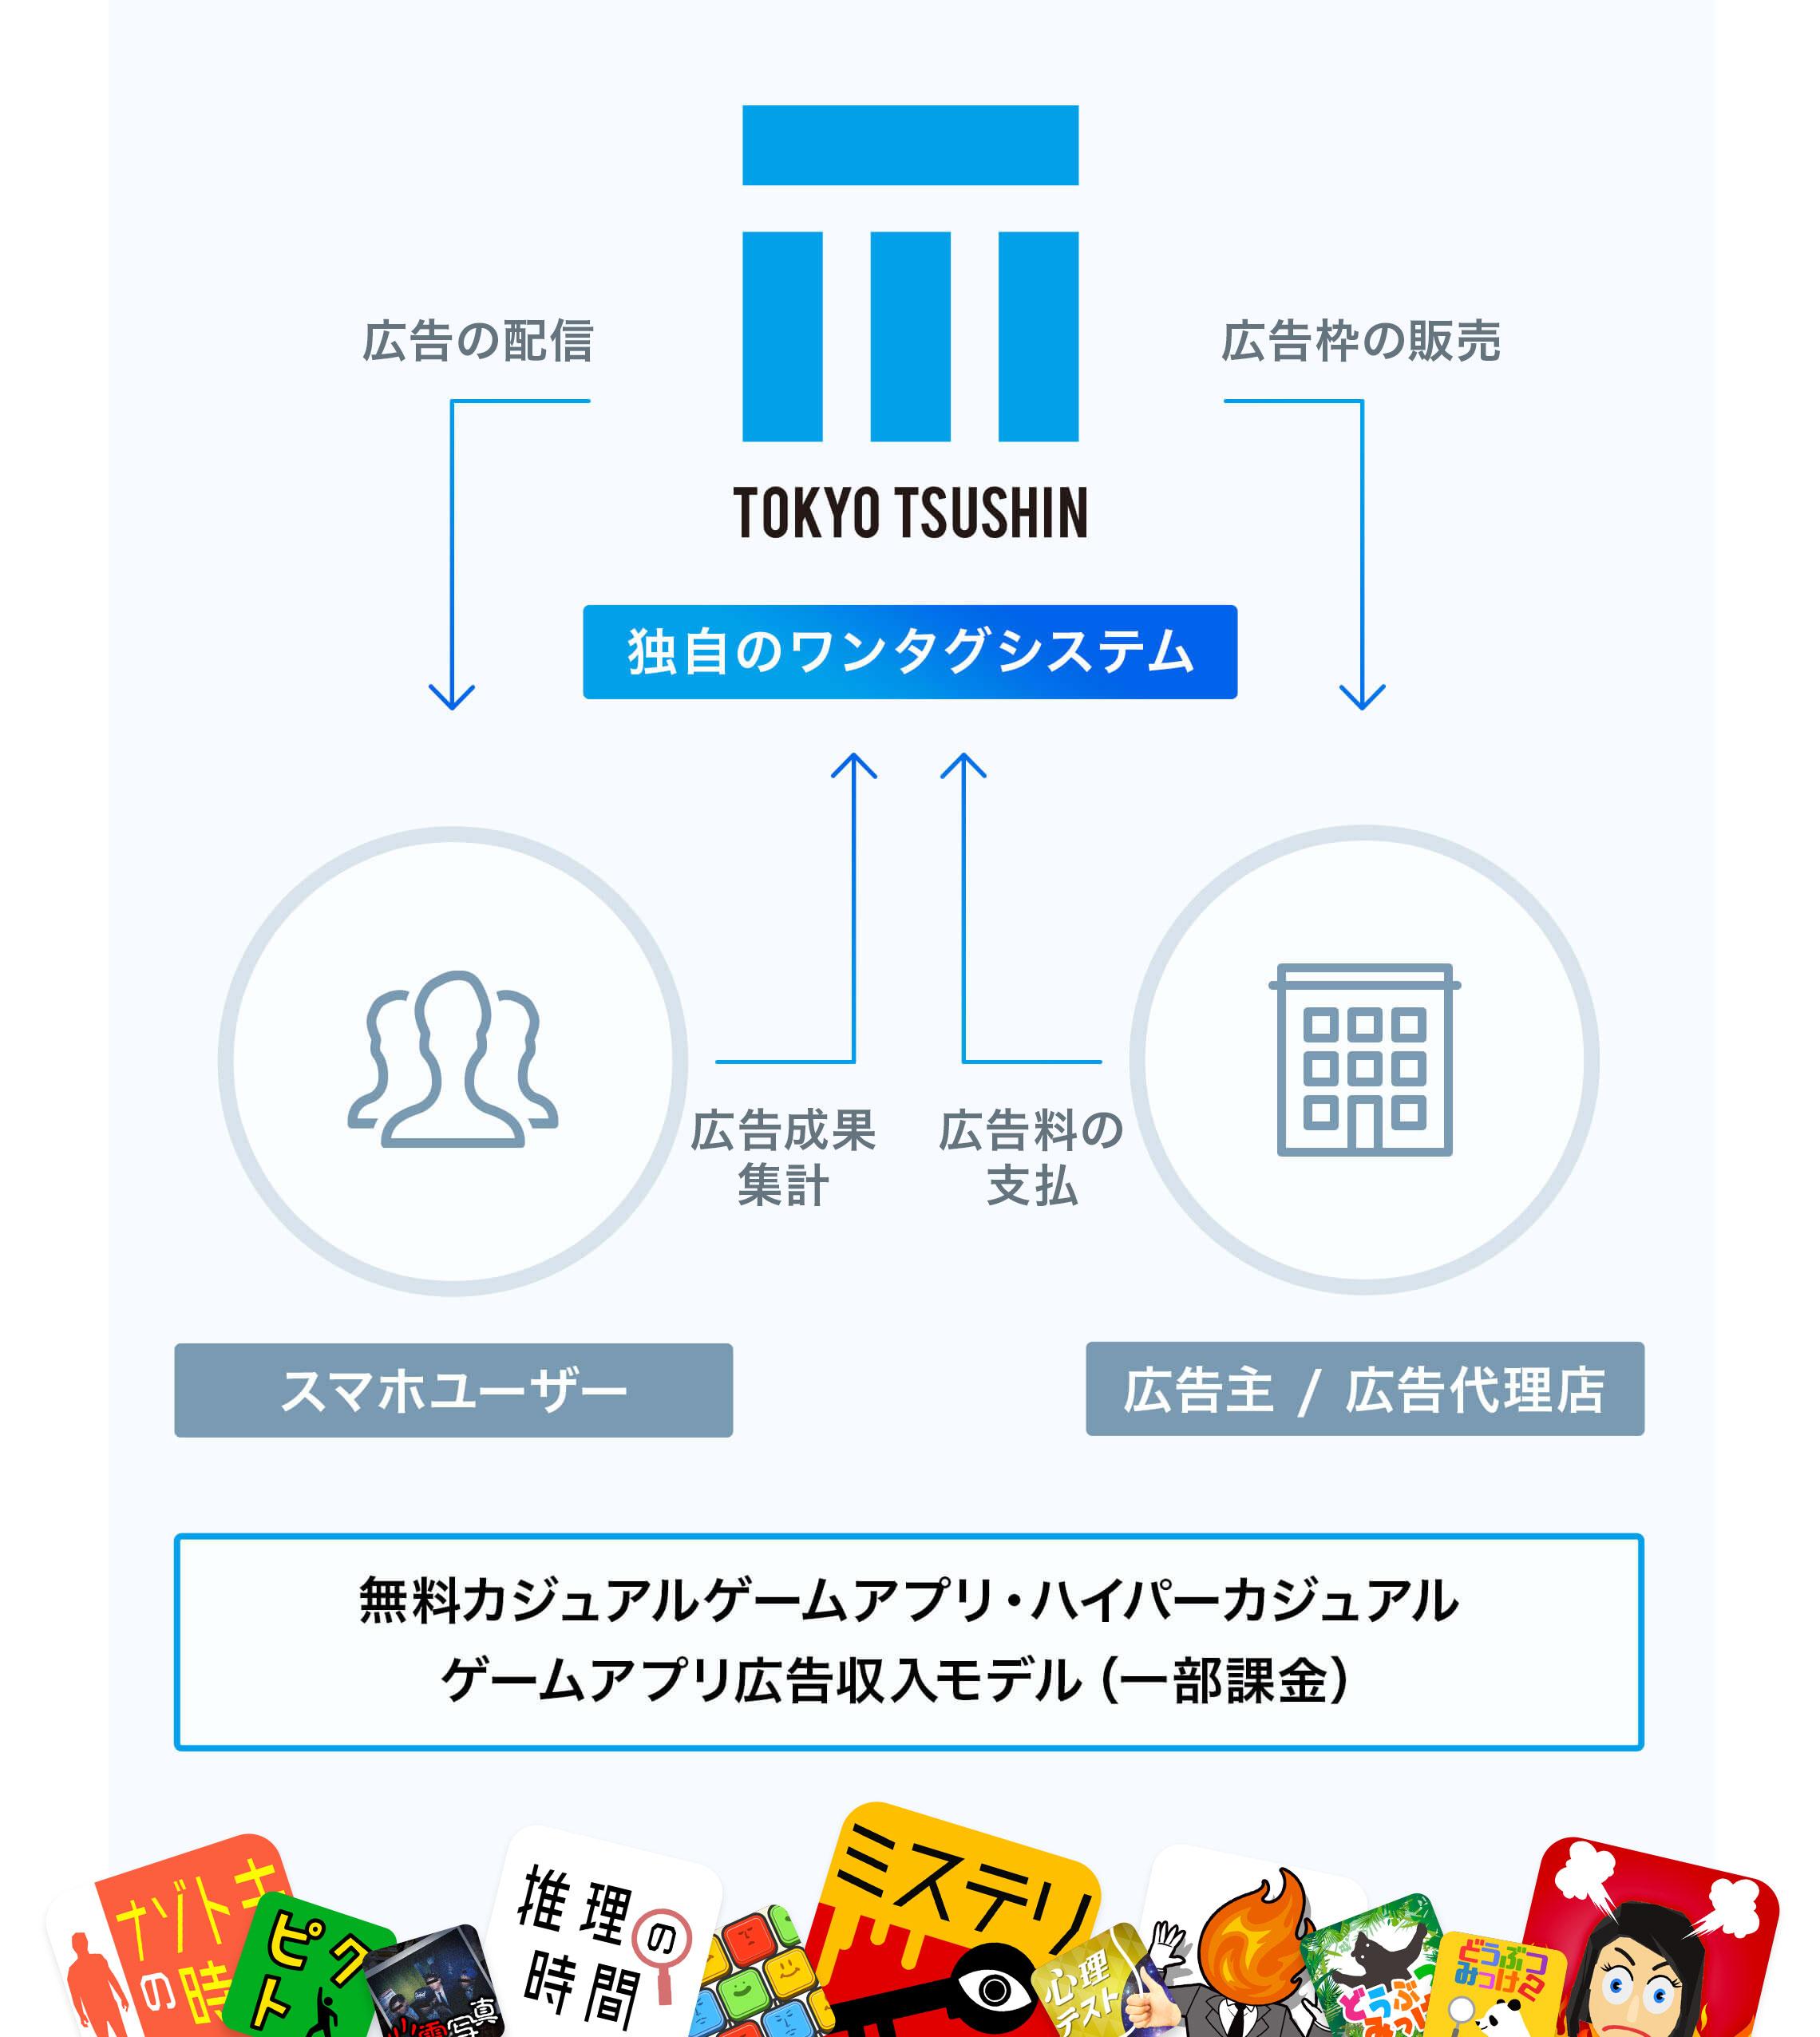 アプリ事業イメージ